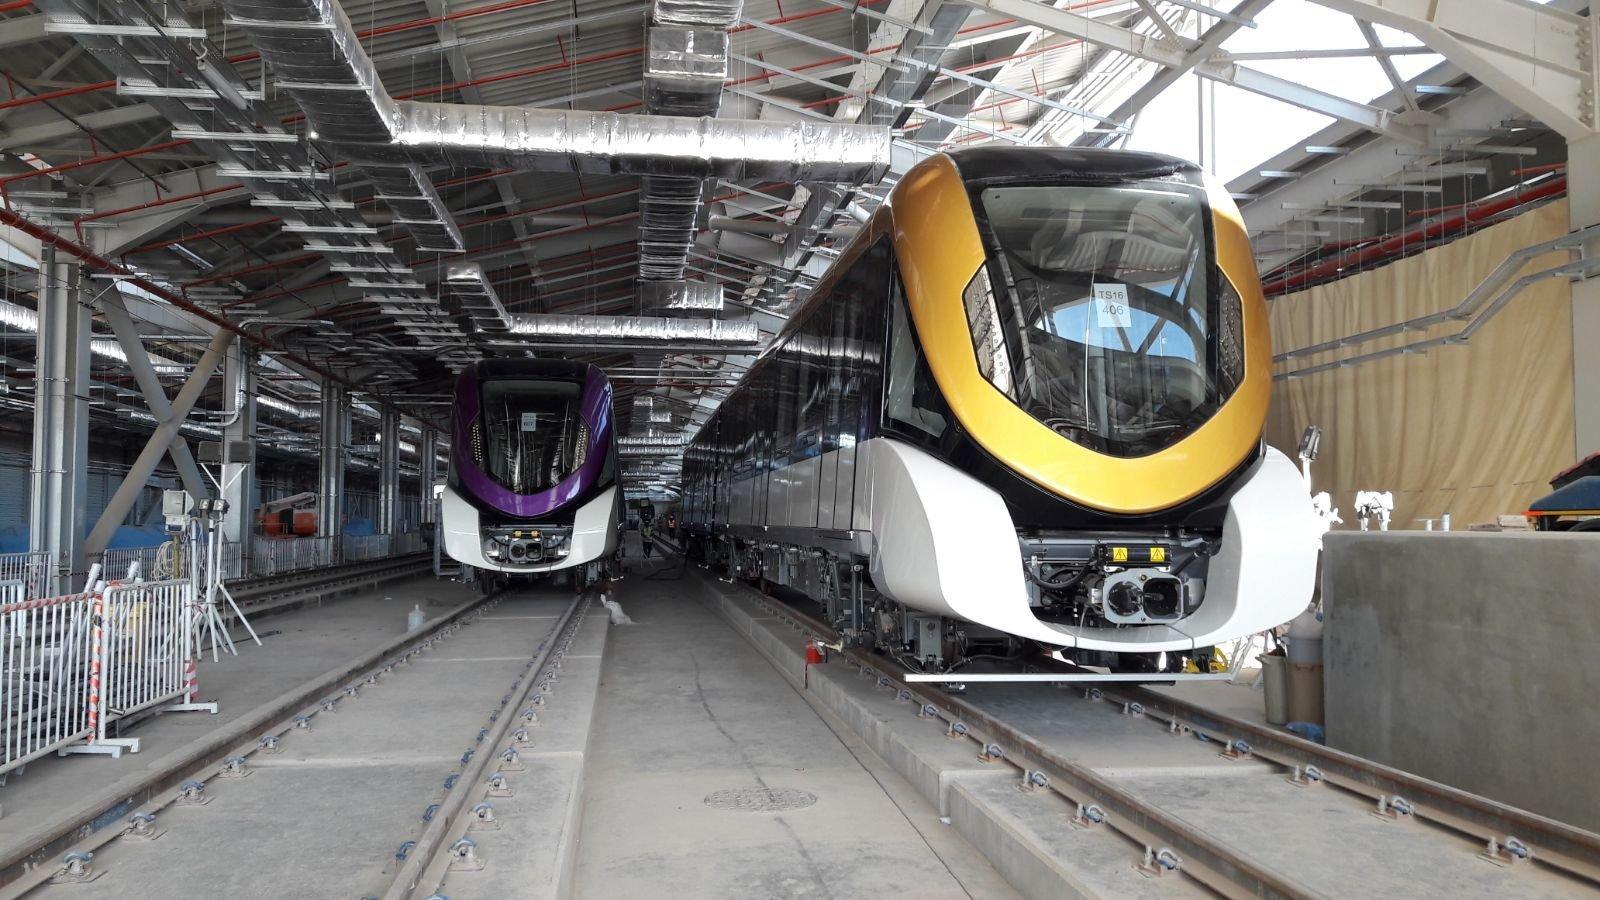 Konsorcjum FLOW zdobyło kontrakt na obsługę i utrzymanie  linii 3, 4, 5 i 6 metra w Rijadzie